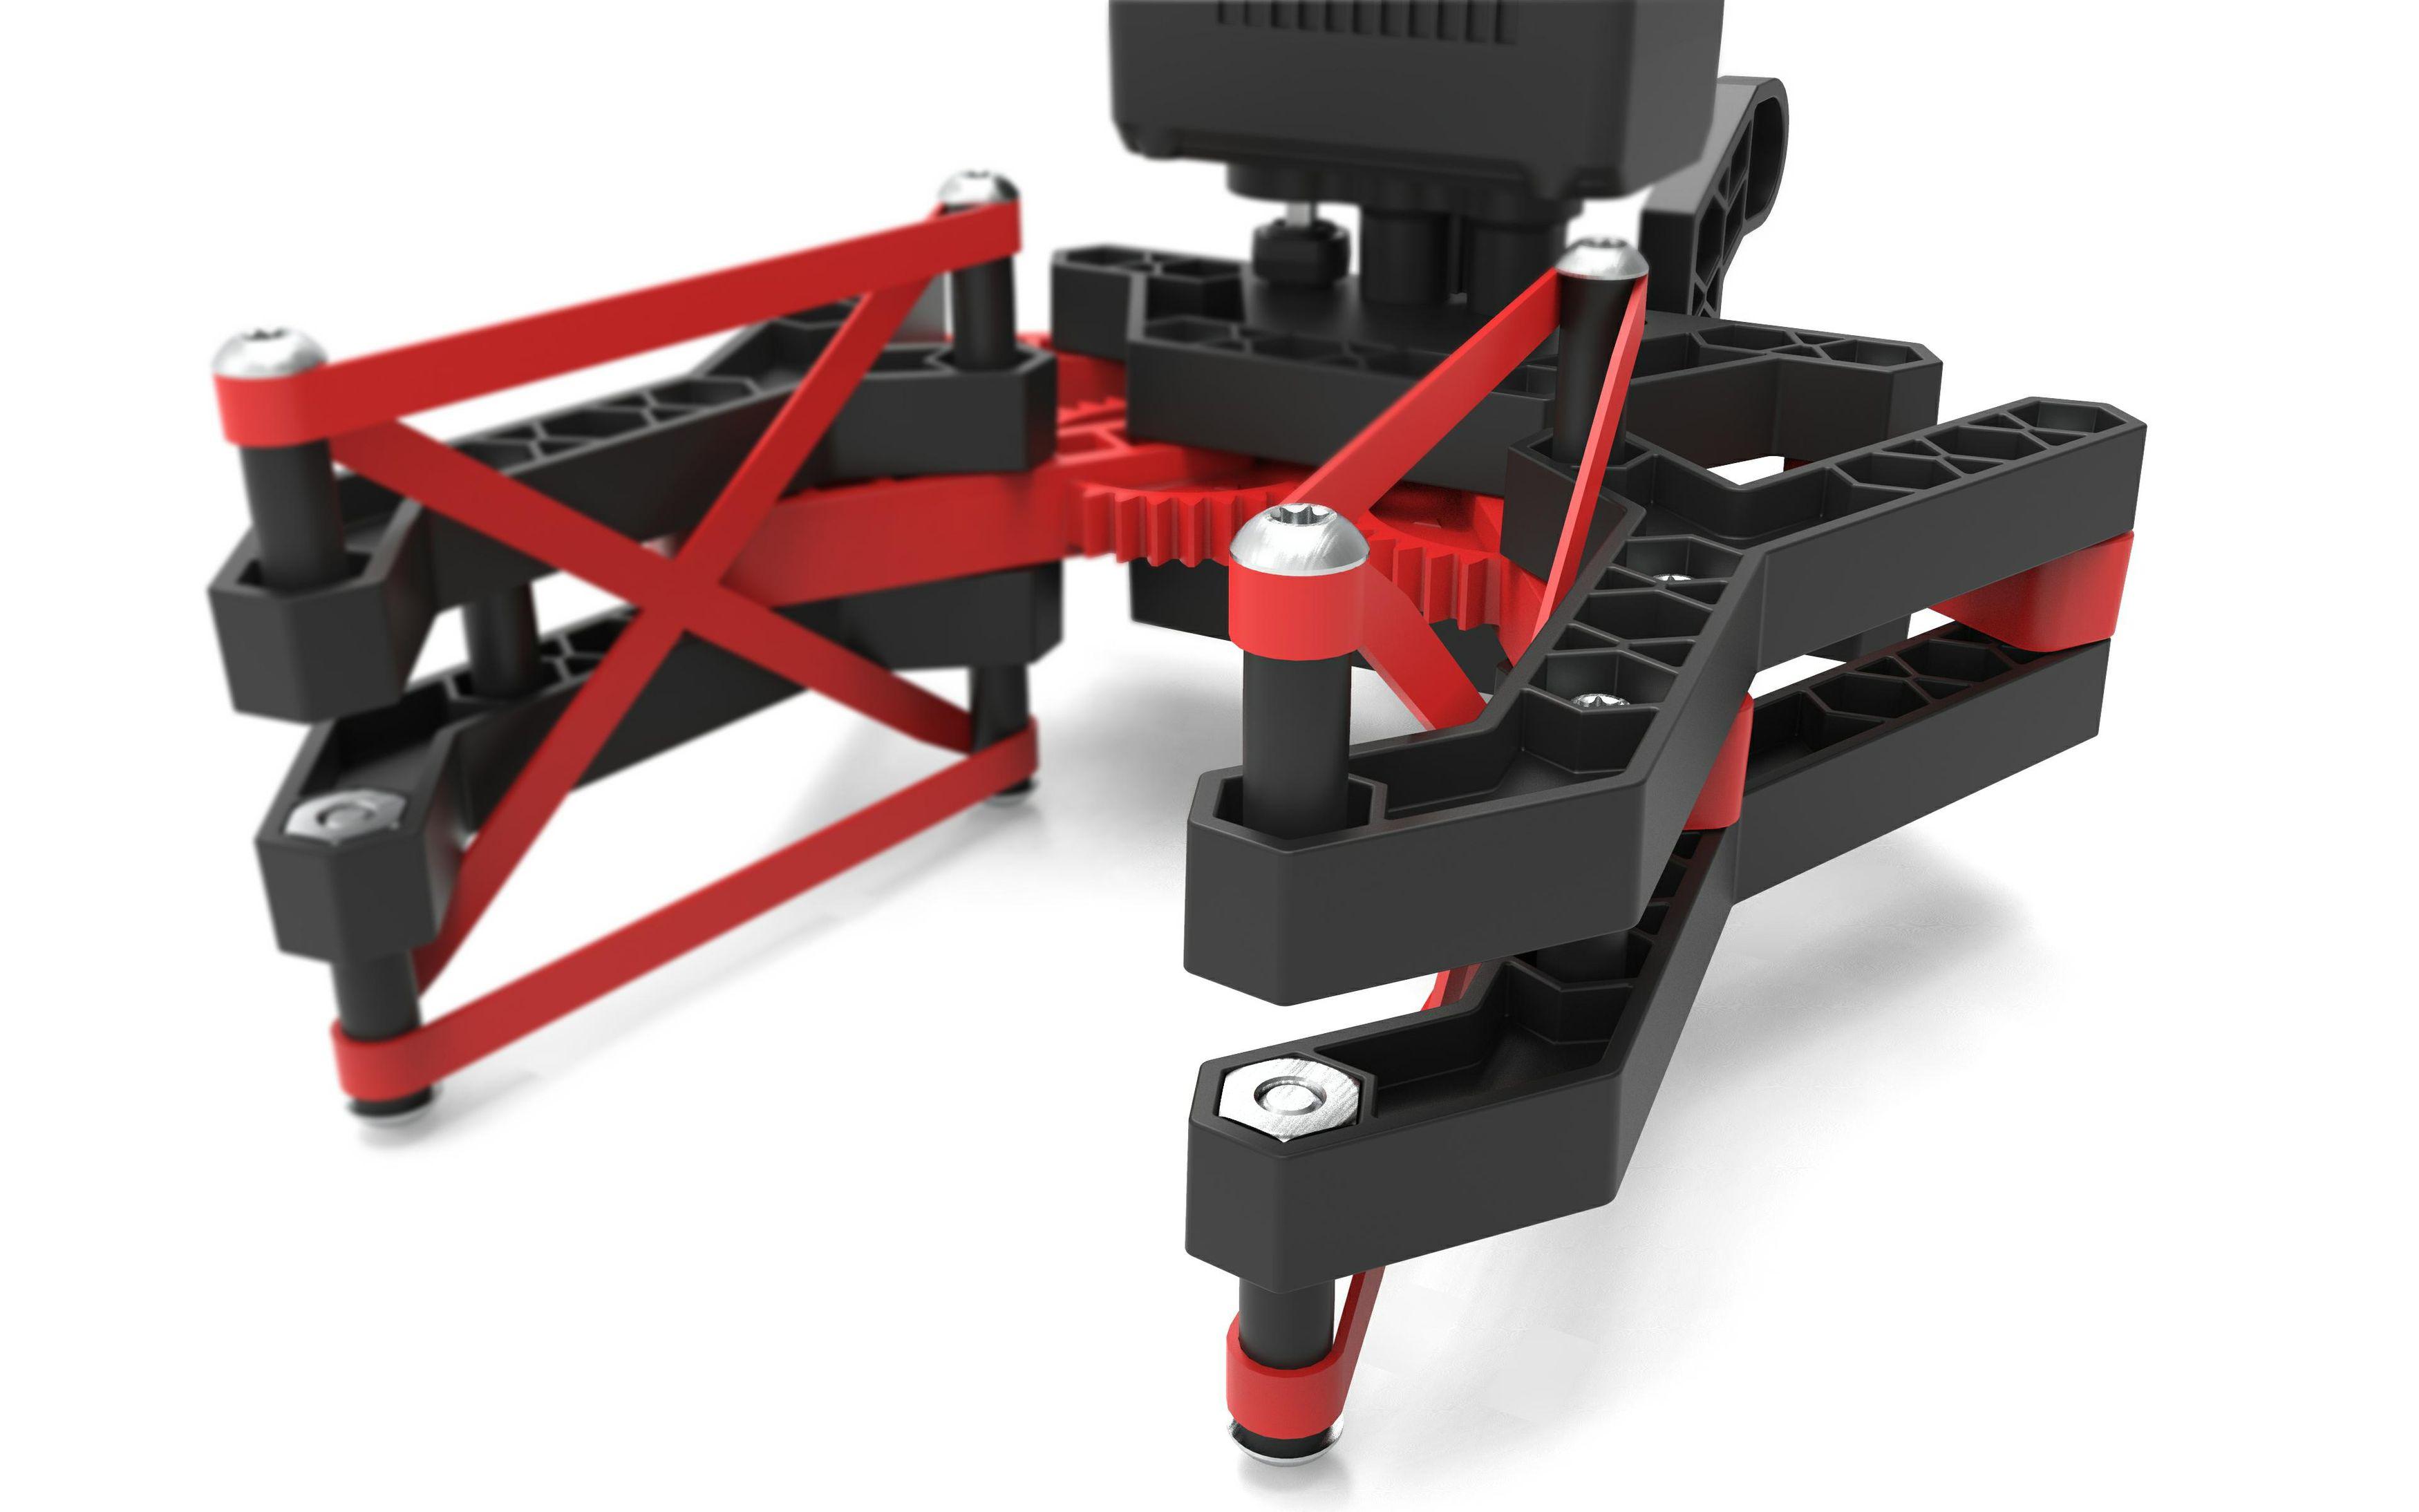 Lcs-design-vex-robotics-v5-claw1-3500-3500